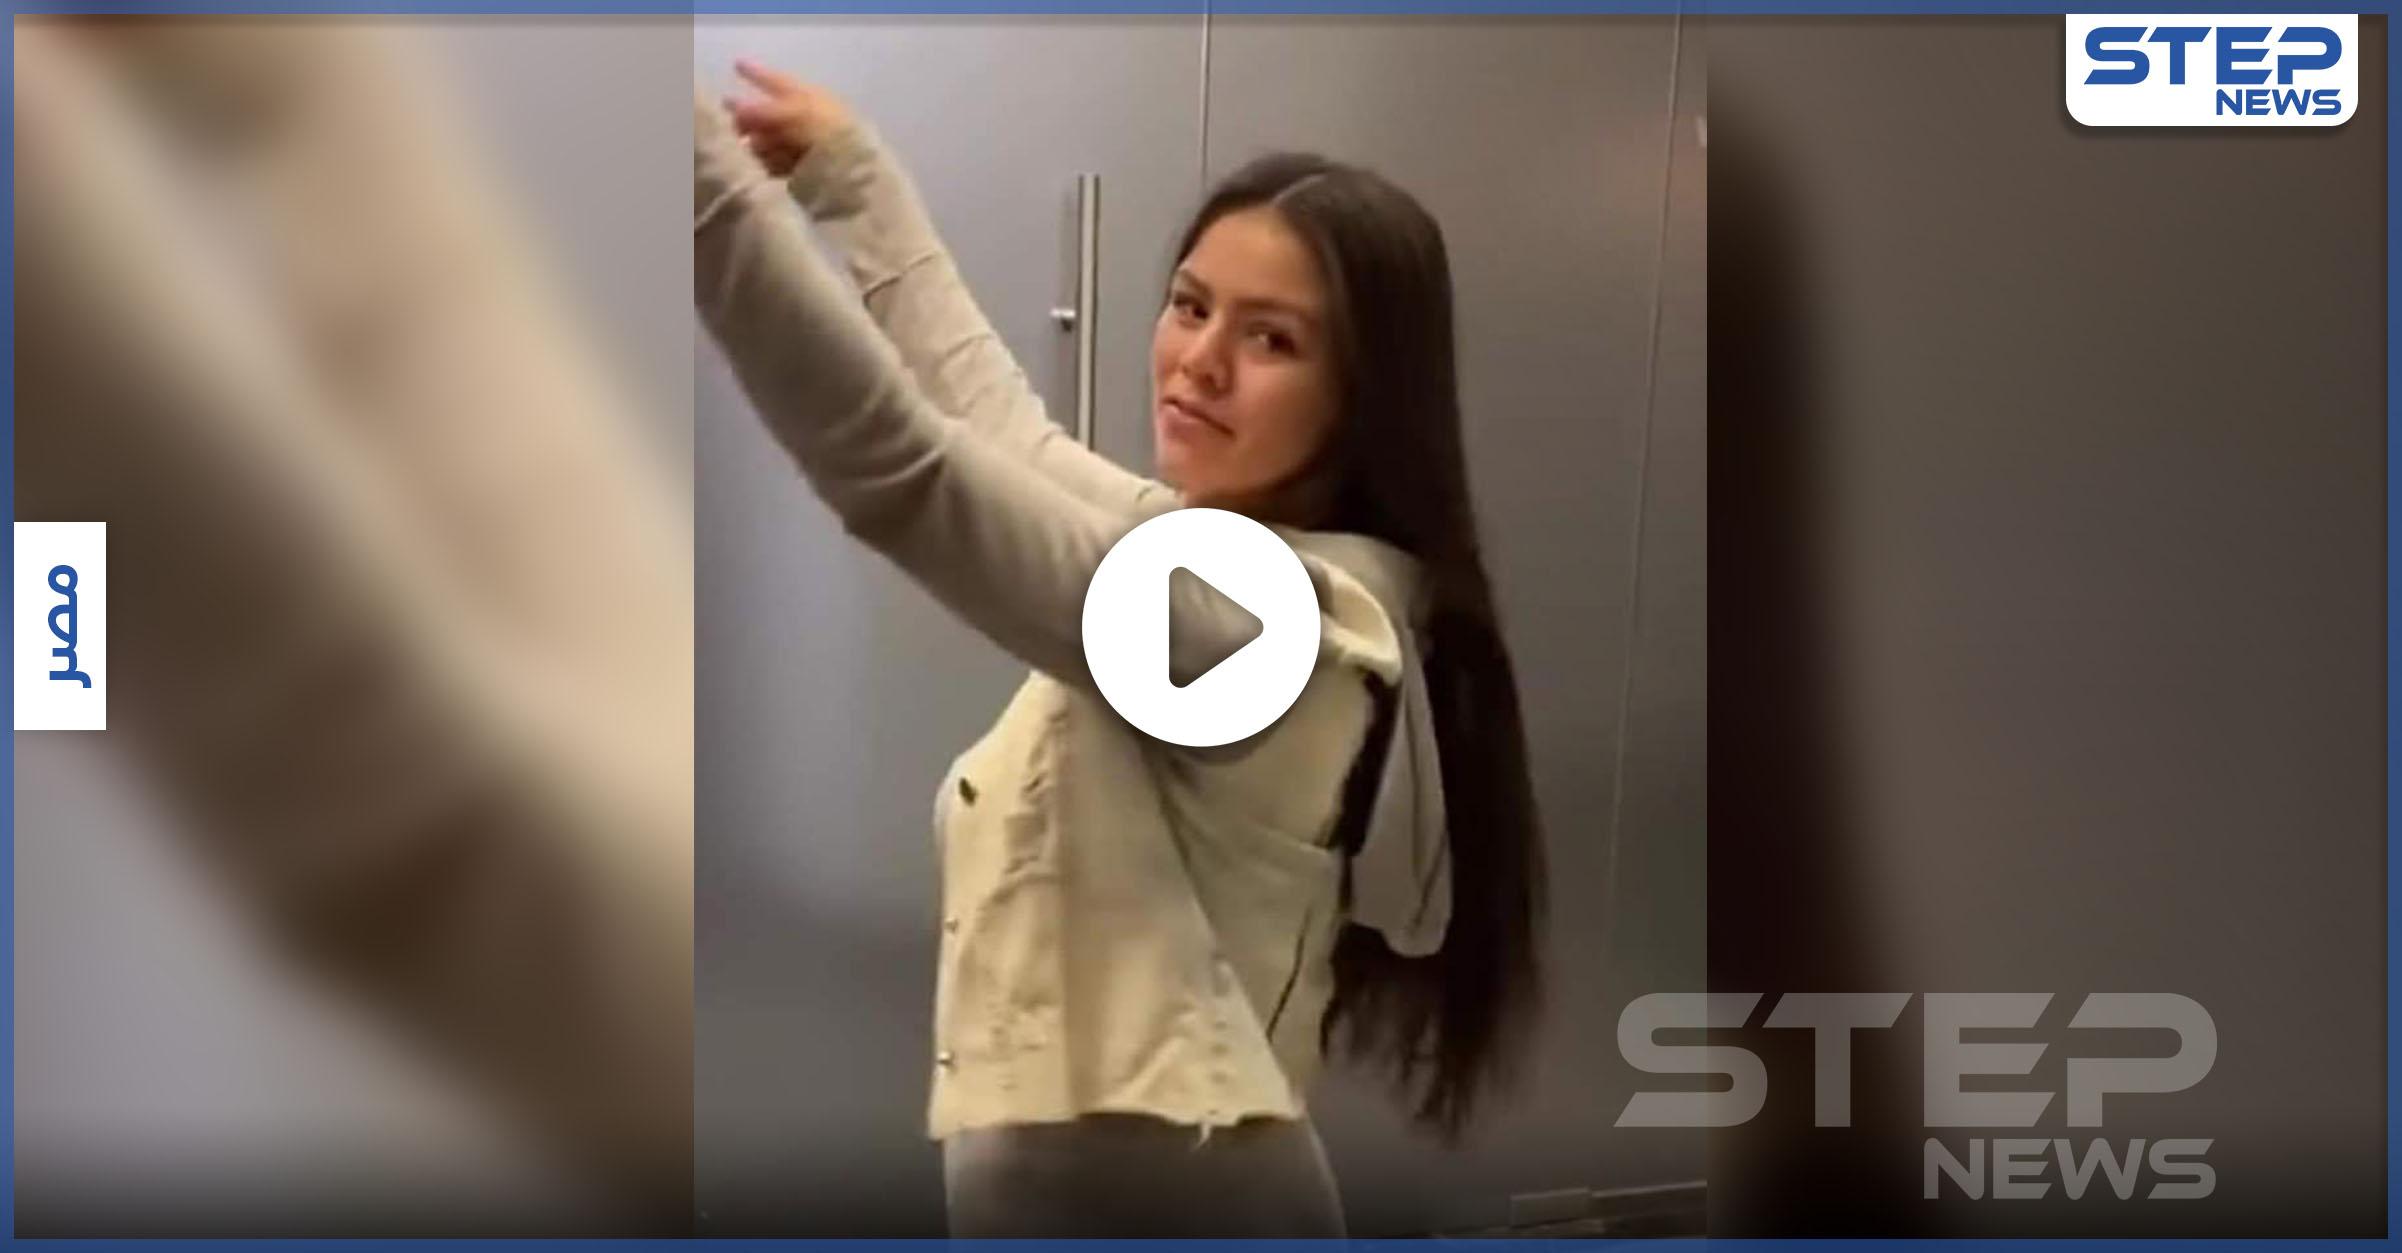 السلطات المصرية تؤكد أنها محتشمة.. راقصة برازيلية تشغل المصريين برقصها